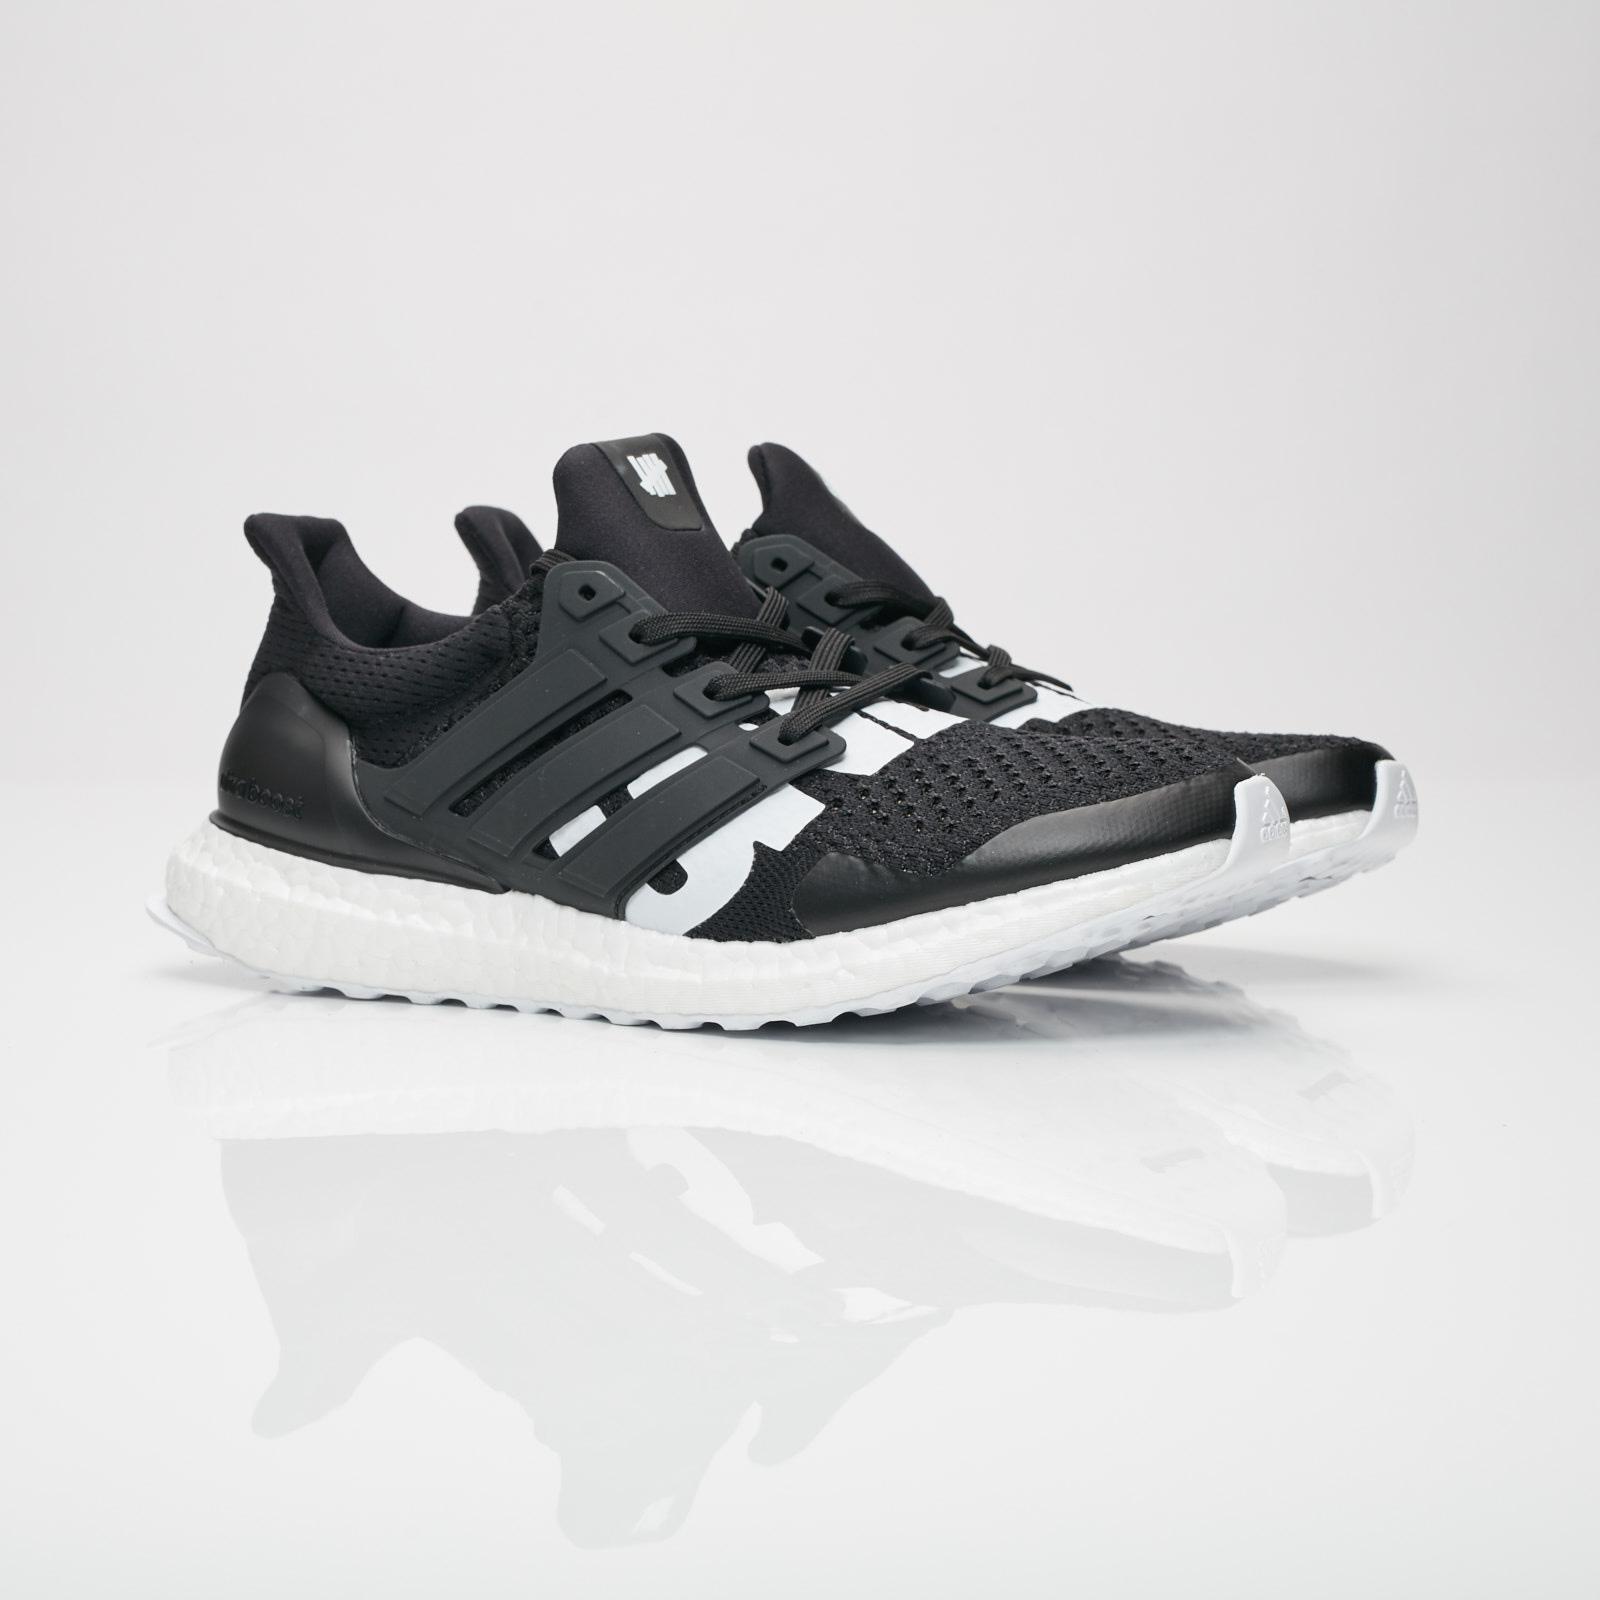 adidas UltraBOOST x UNDFTD - B22480 - Sneakersnstuff  3c60d22d239f1